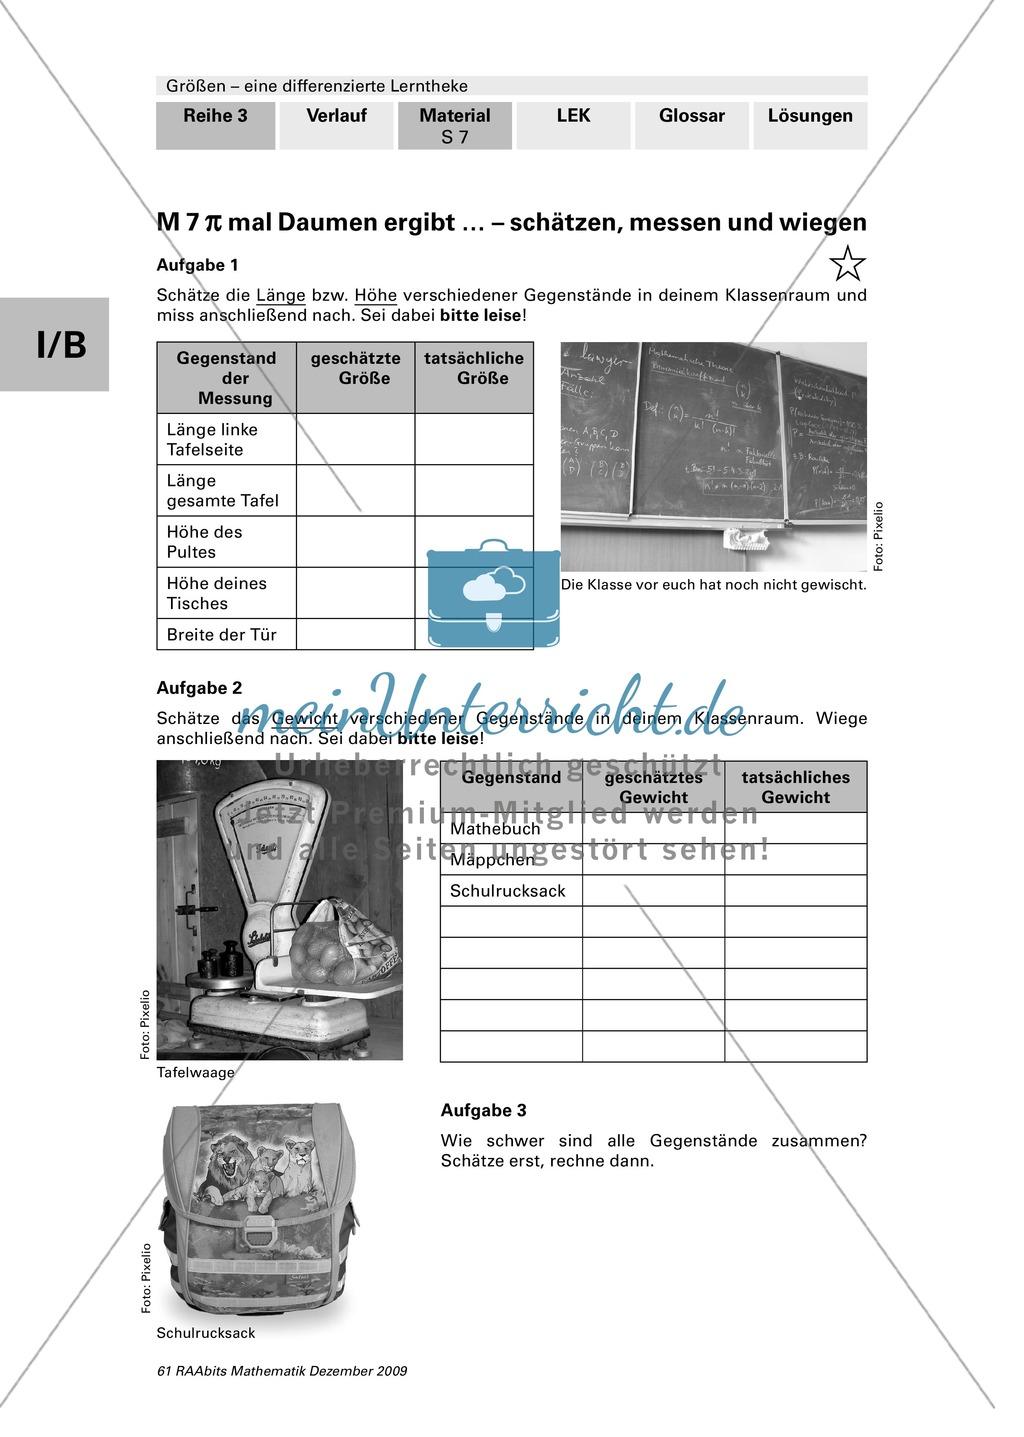 Luxury Differenzierte Mathematik Arbeitsblatt Images - Kindergarten ...